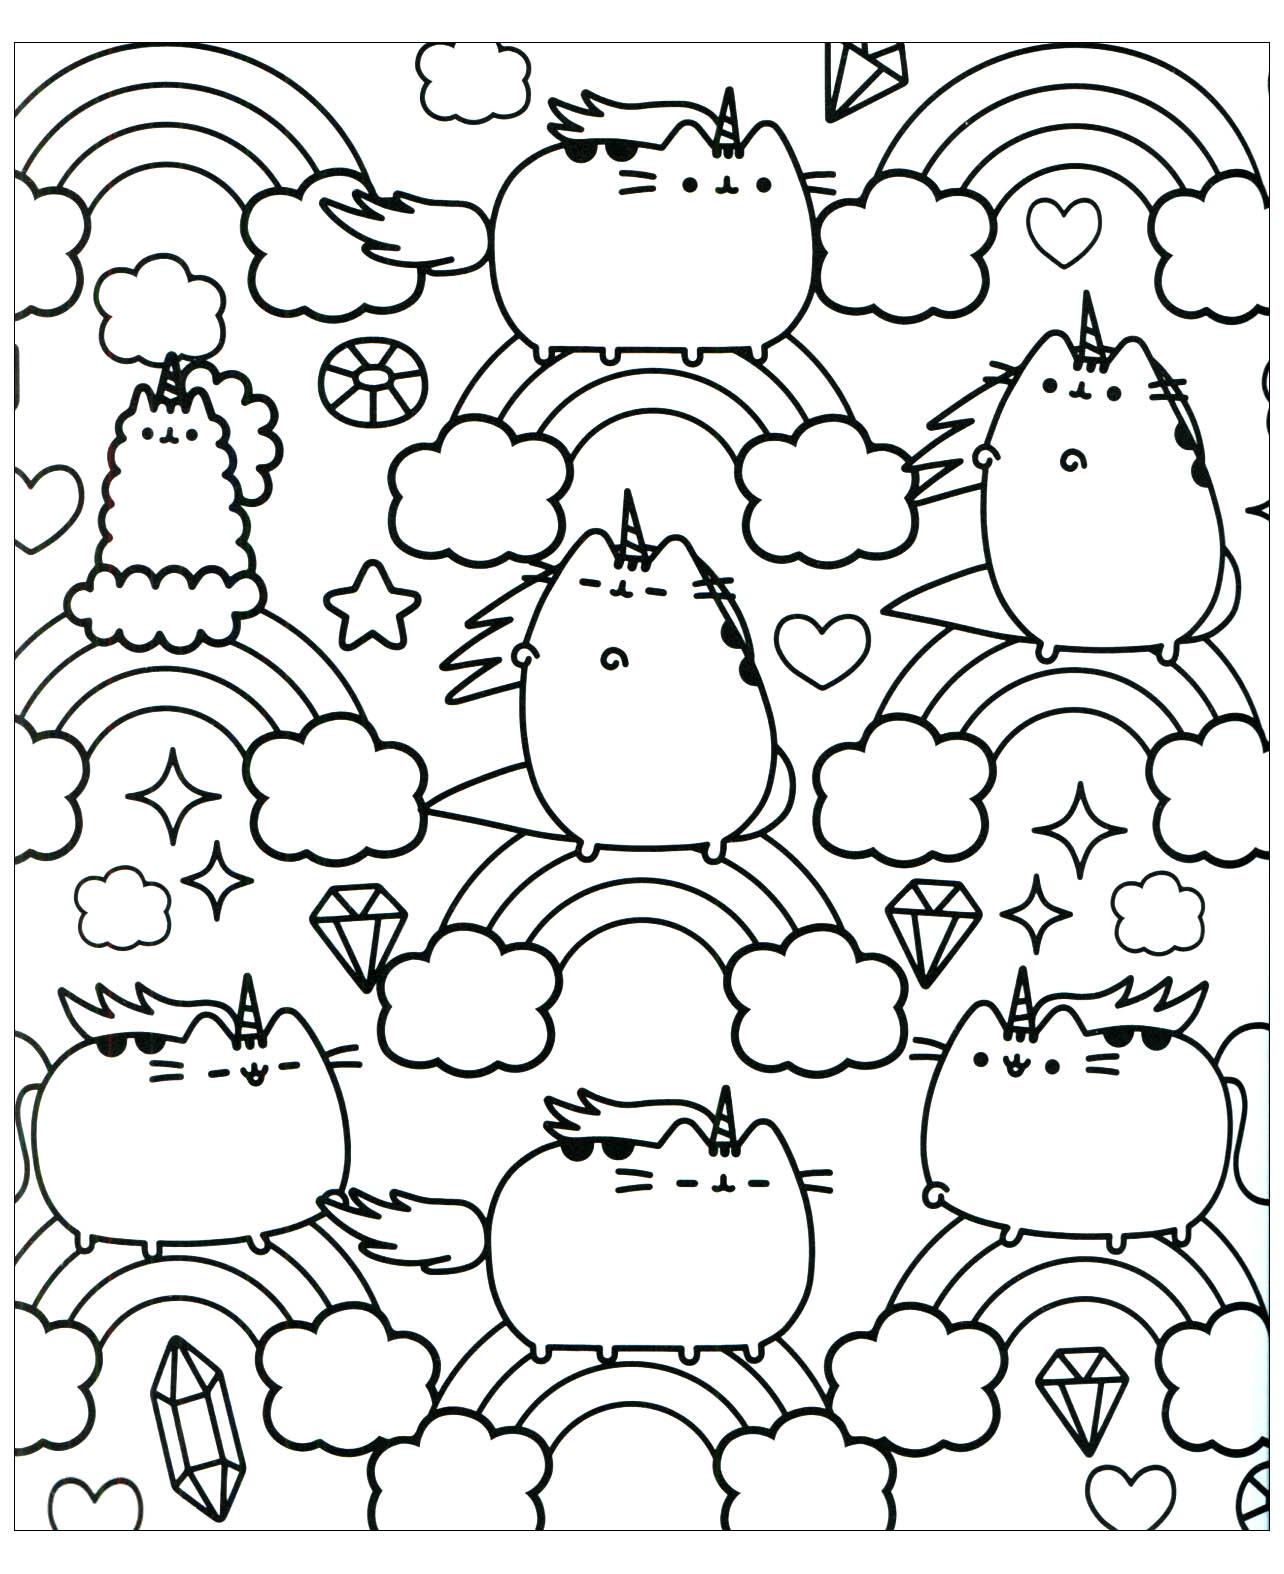 1284x1574 Doodling Doodle Art